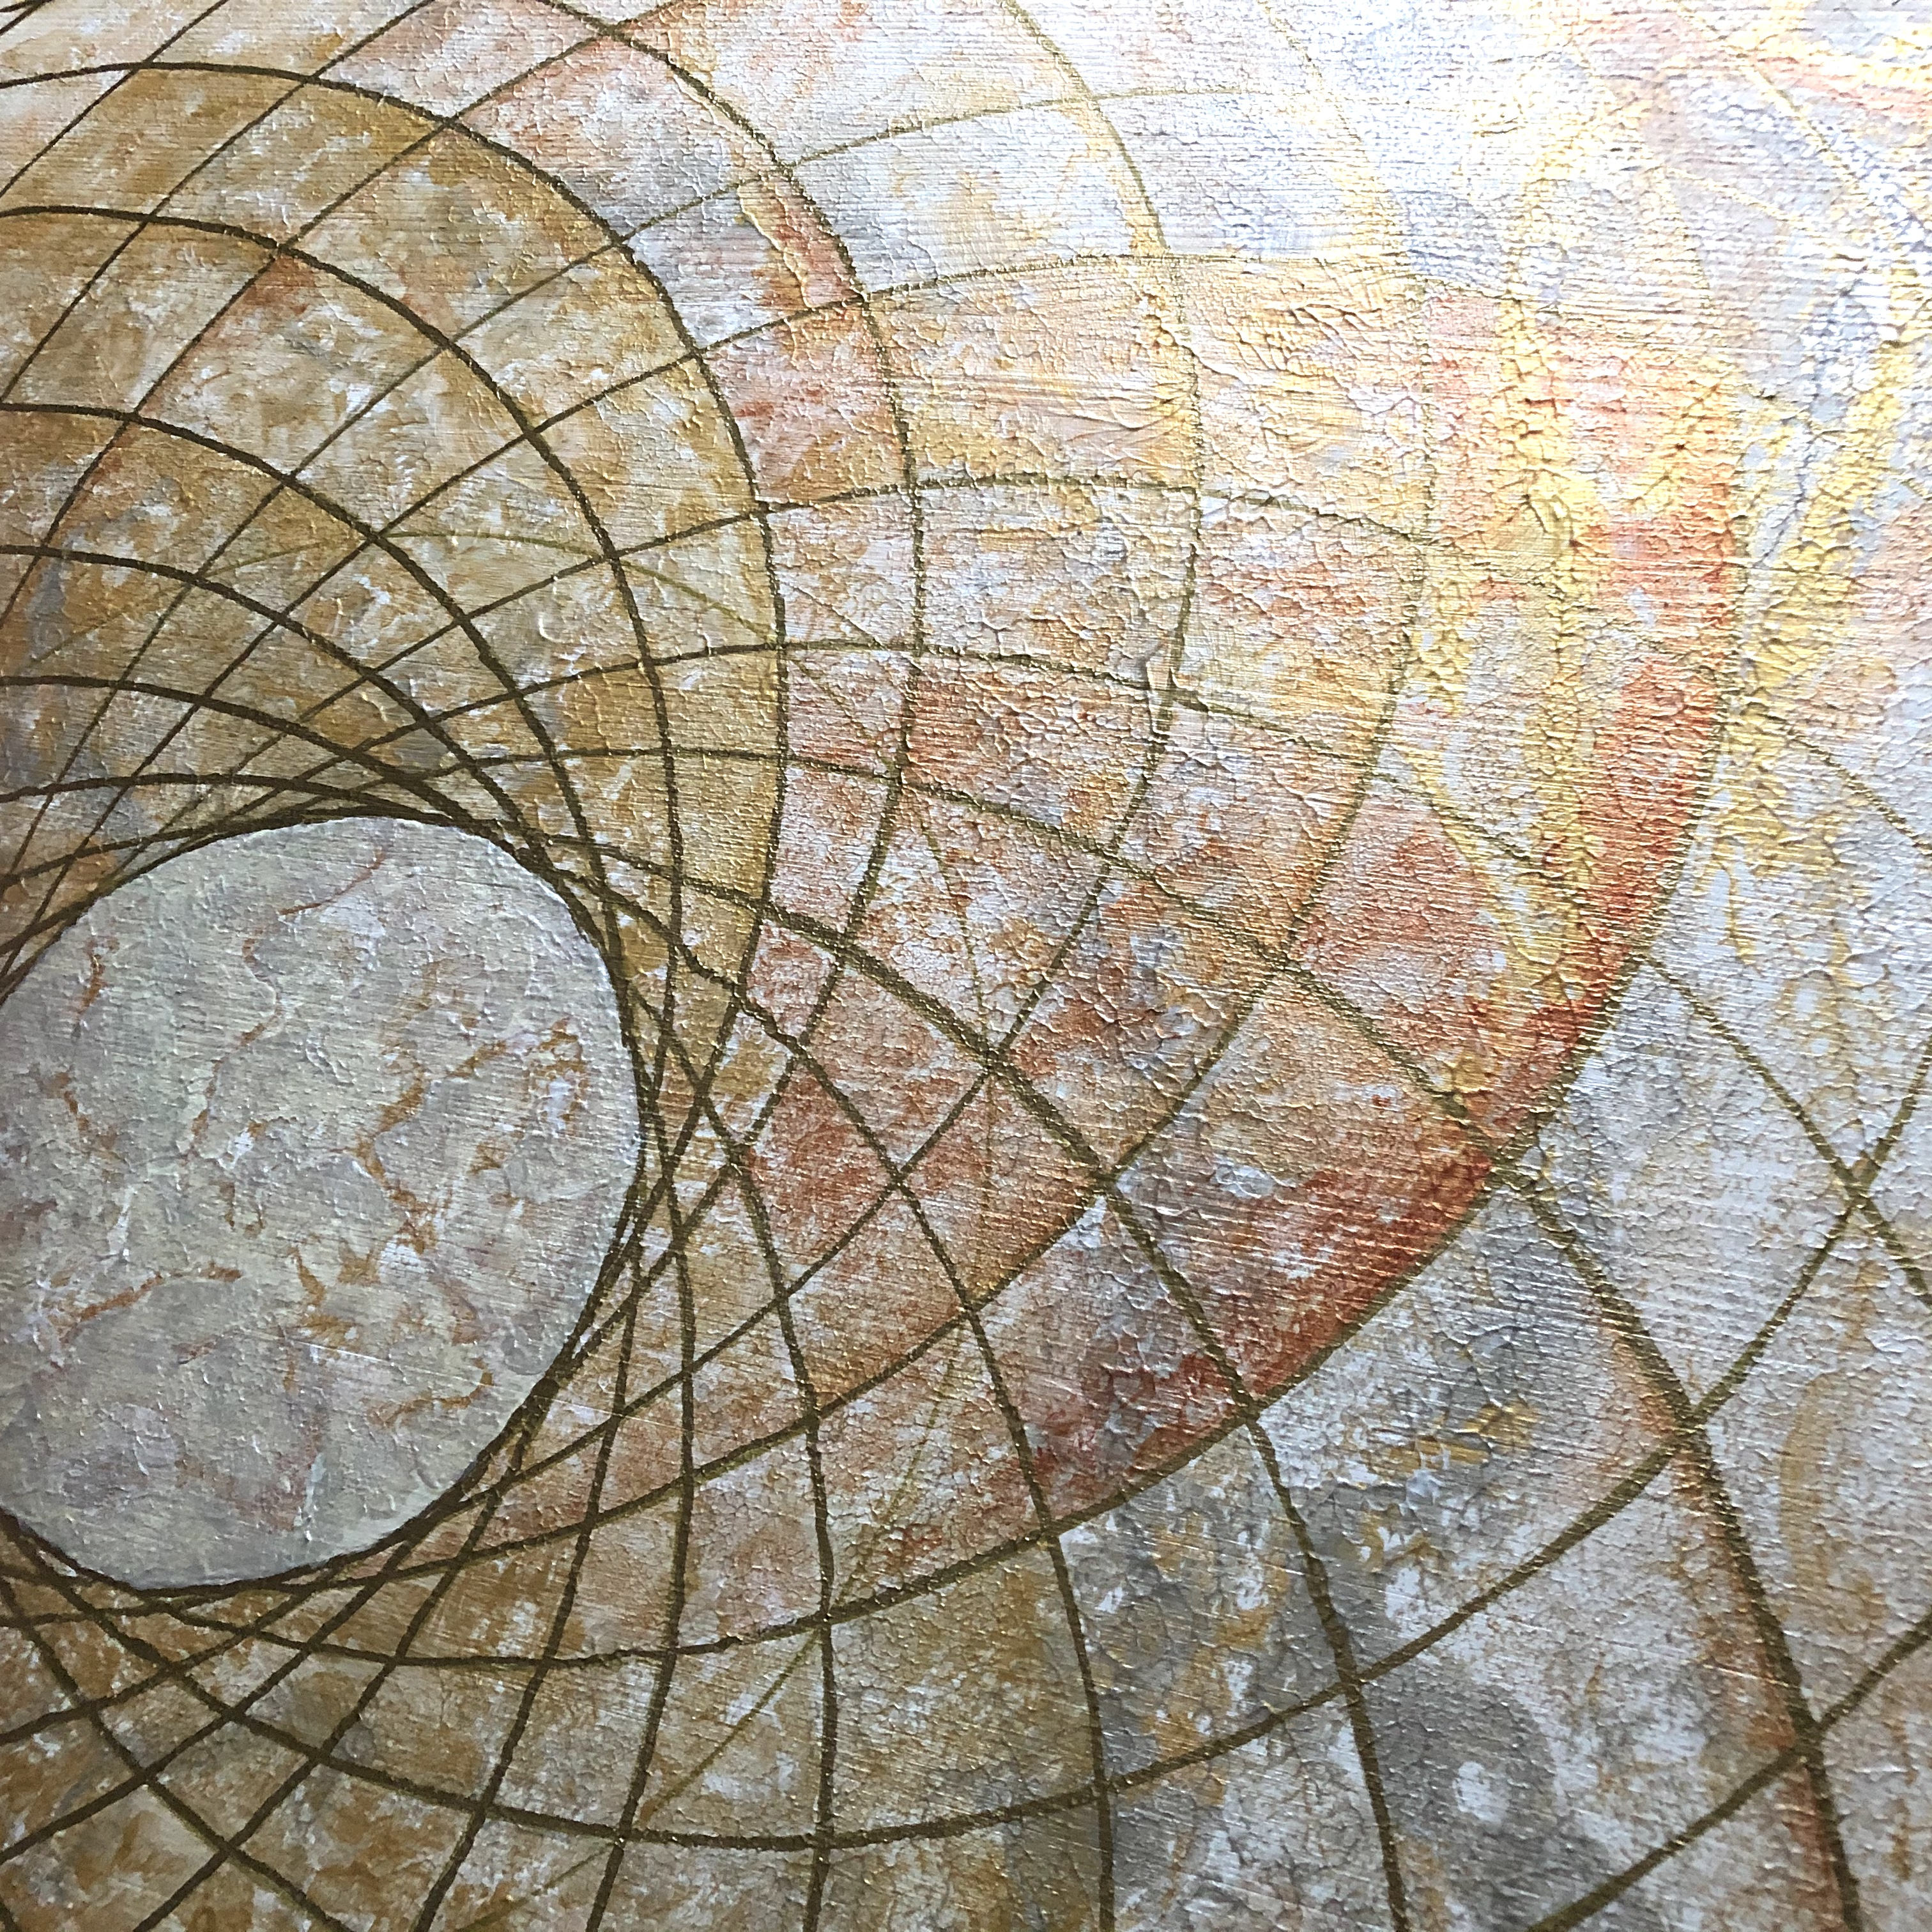 Pyhät geometriset taulut: Auringon synty 2